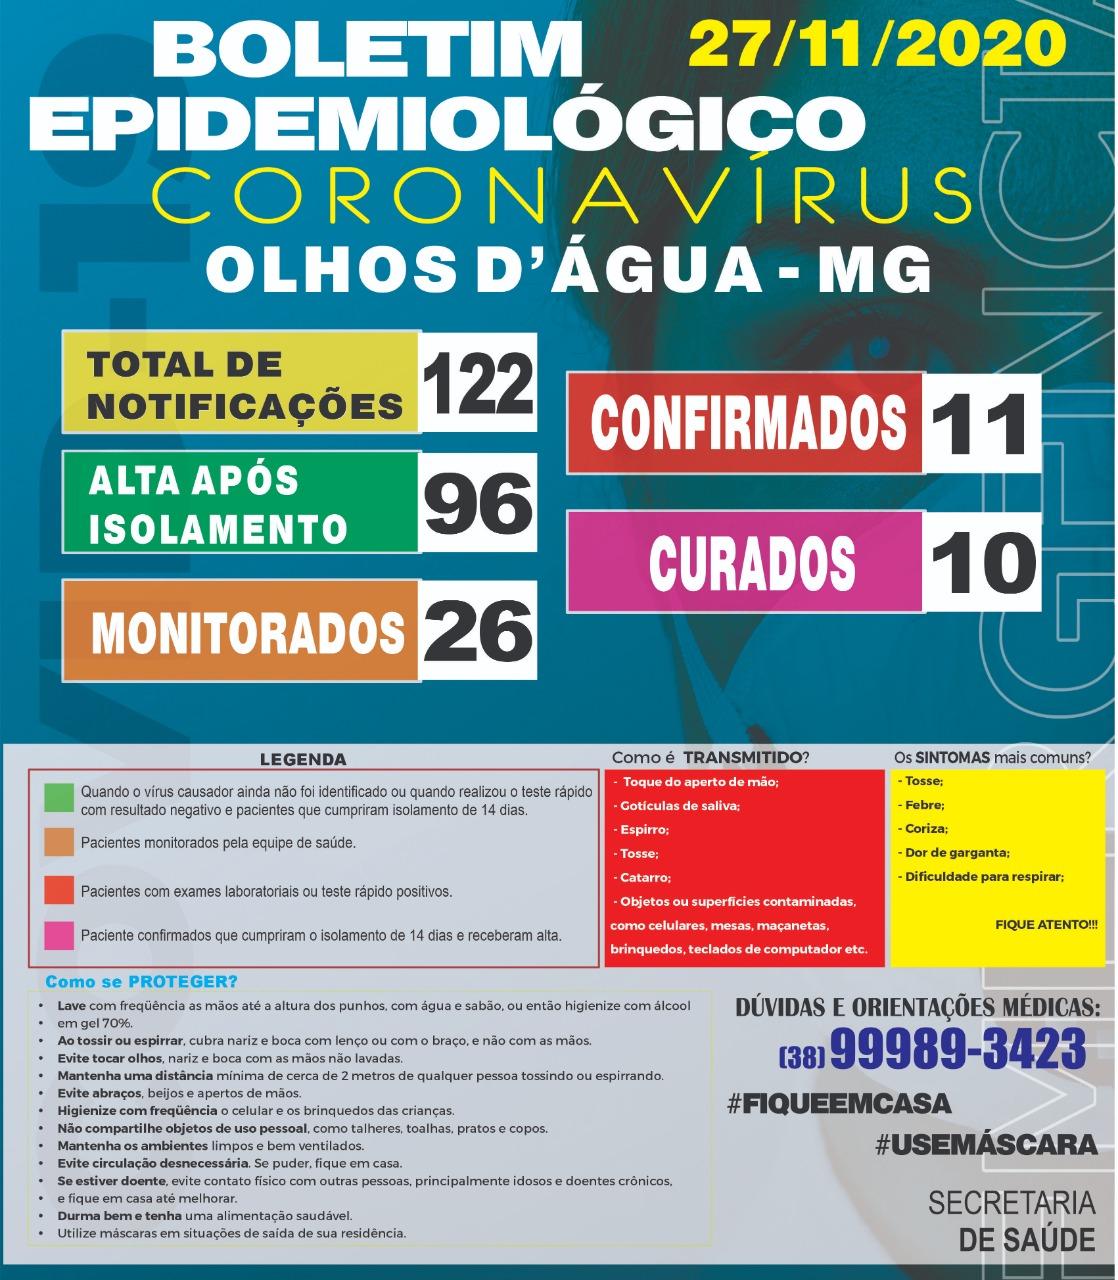 Boletim do COVID-19 Olhos D'Água-MG